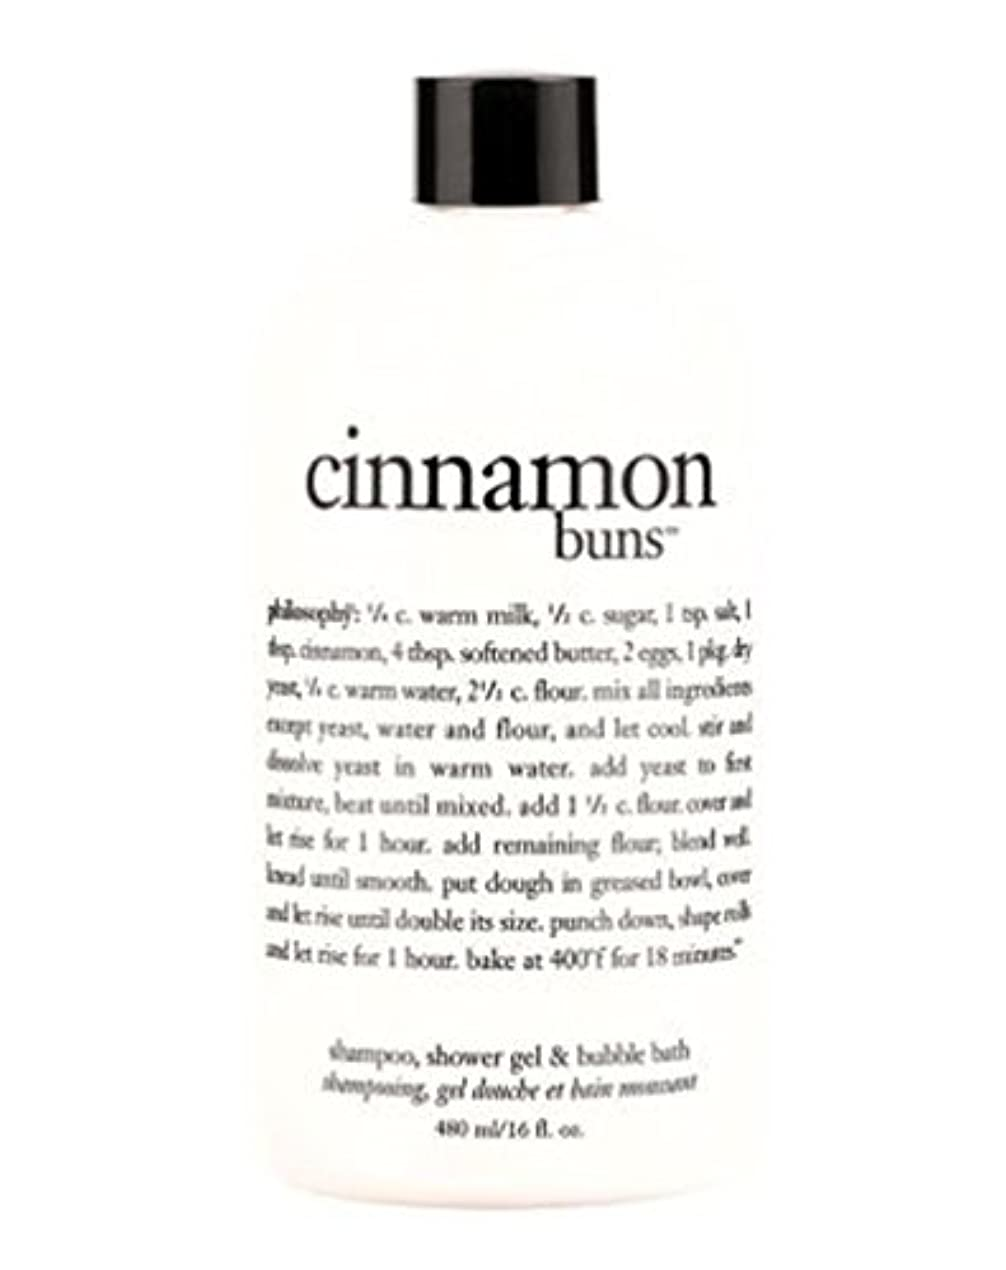 お世話になった成熟したボーナスphilosophy cinnamon buns 3 in 1 shampoo, shower gel & bubble bath 480ml - 1シャンプー、シャワージェル&バブルバス480ミリリットルで哲学シナモンバンズ...